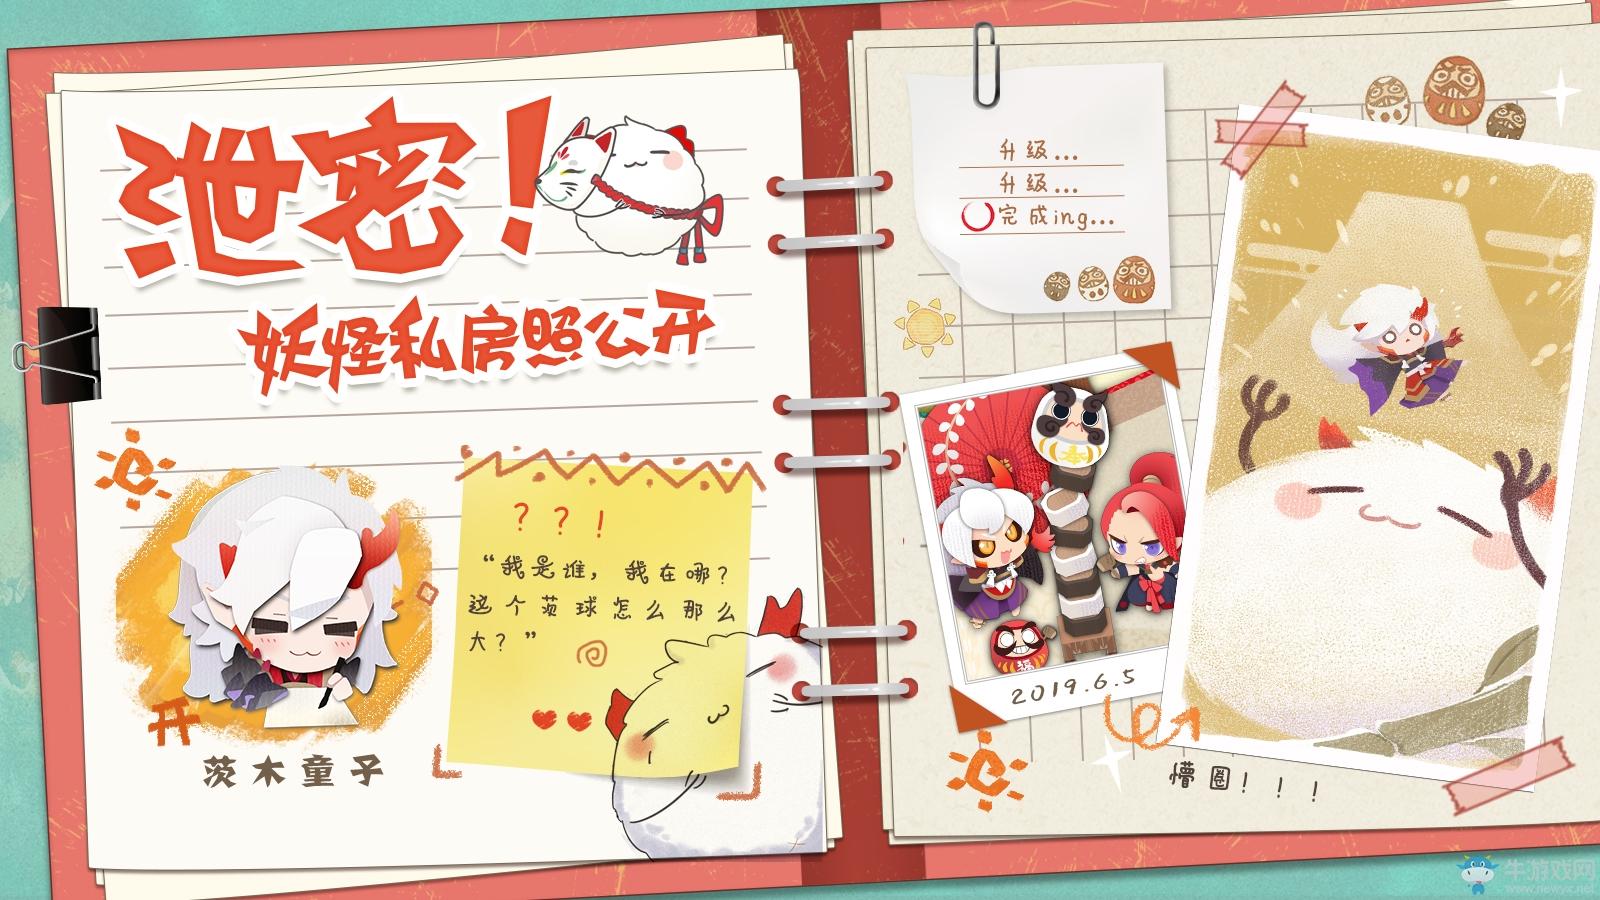 阴阳师妖怪屋:《阴阳师》衍生手游,一玩就是5小时的养妖休闲游戏